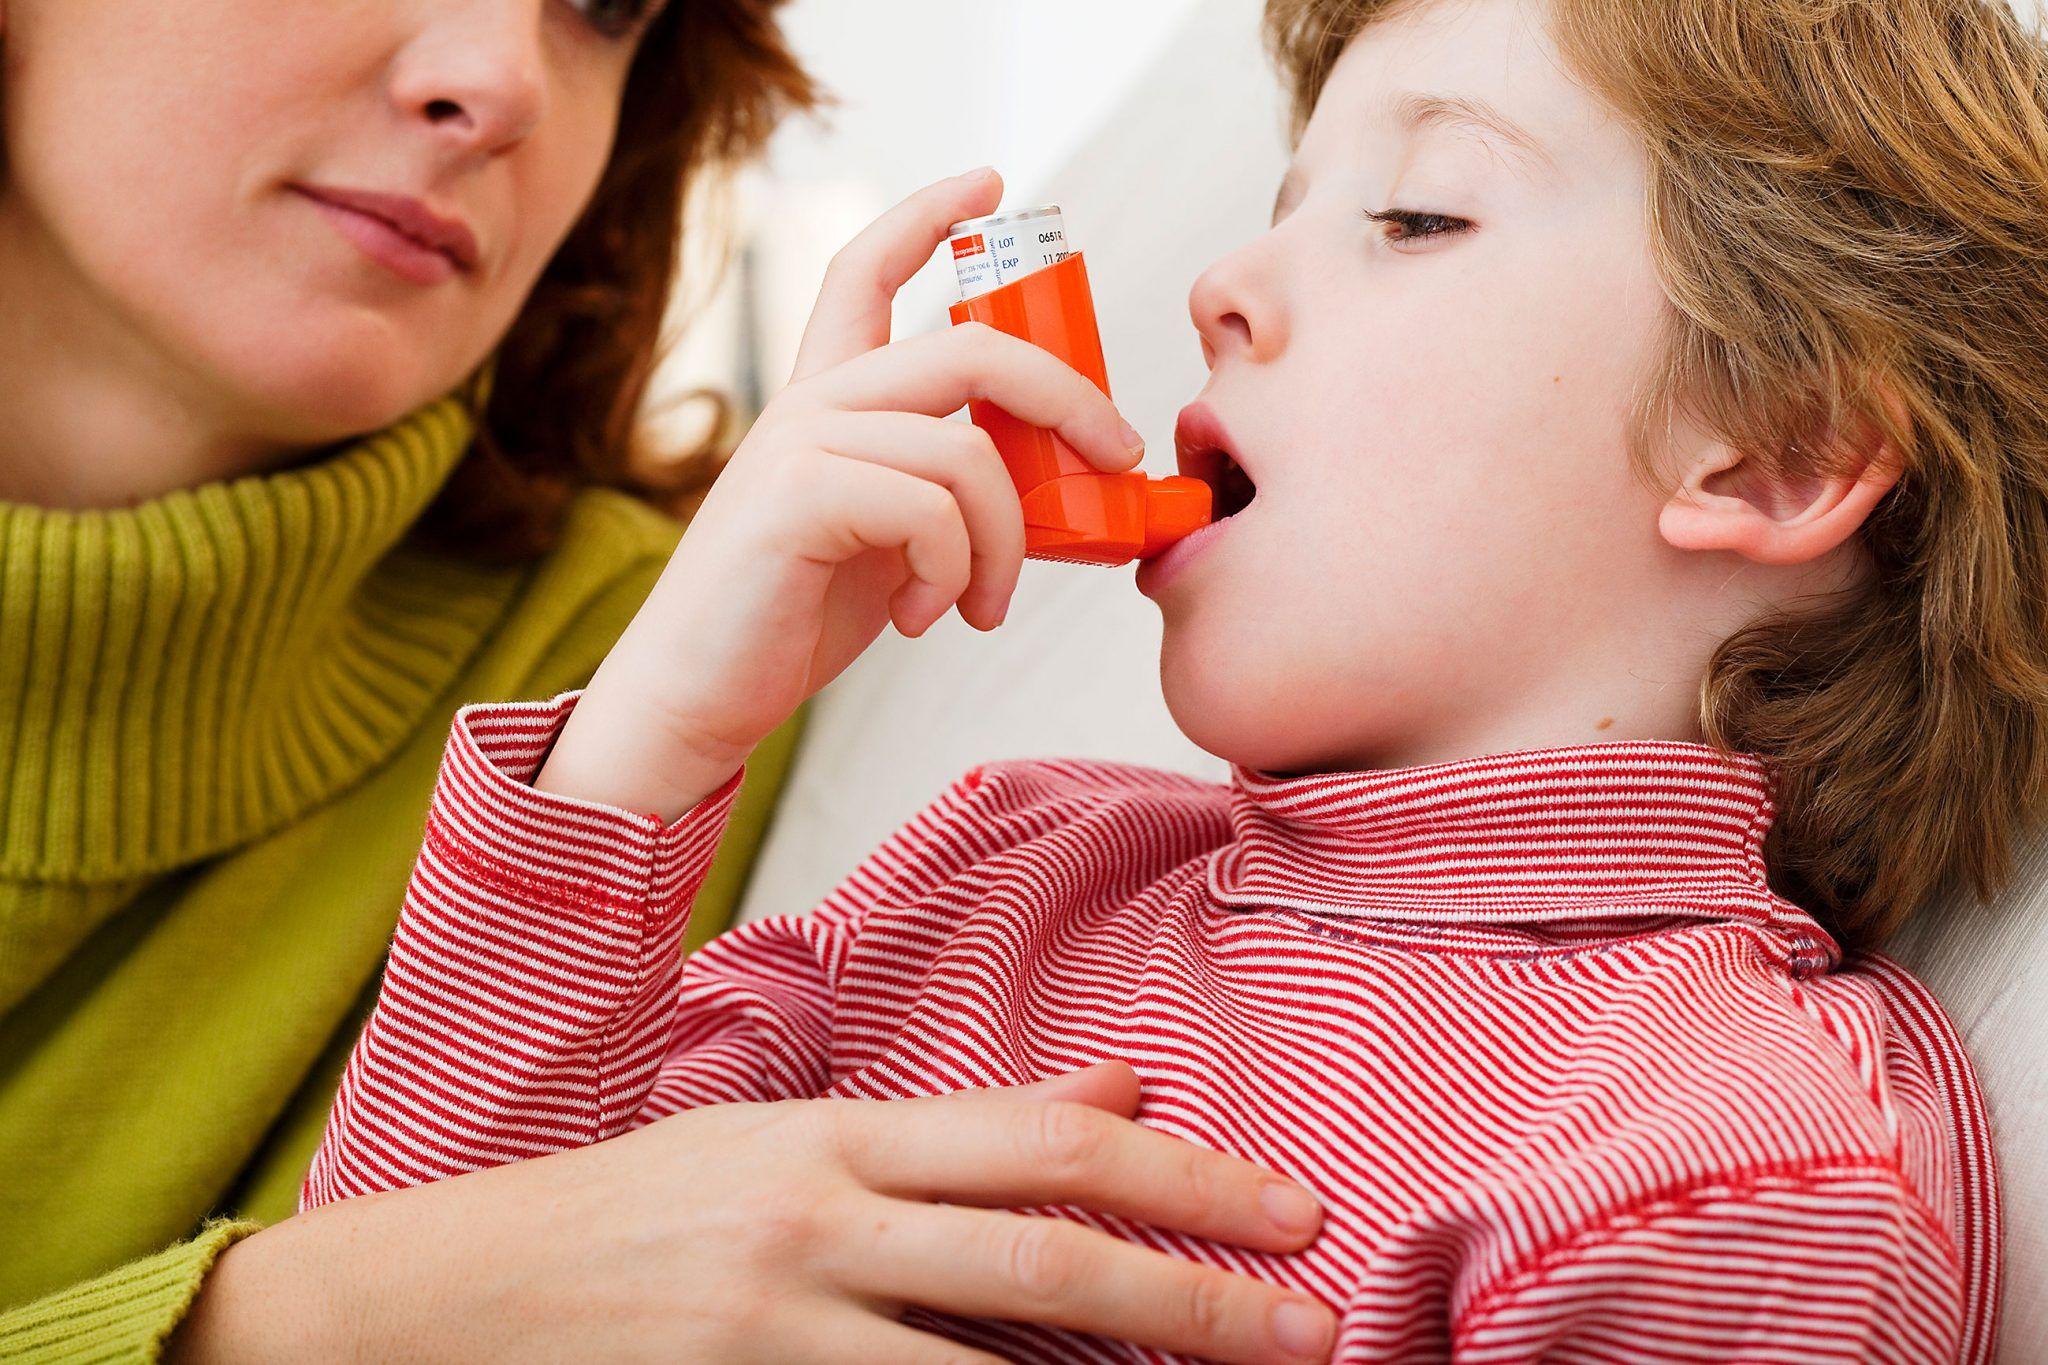 Το άσθμα, αποτελεί μια χρόνια φλεγμονή των βρόγχων στην οποία συμμετέχουν πολλά διαφορετικά κύτταρα, προκαλώντας στένωση των βρόγχων (αεραγωγών) και κατά συνέπειαβήχα, δύσπνοια, βάρος στο στήθος, συριγμό («σφύριγμα»).